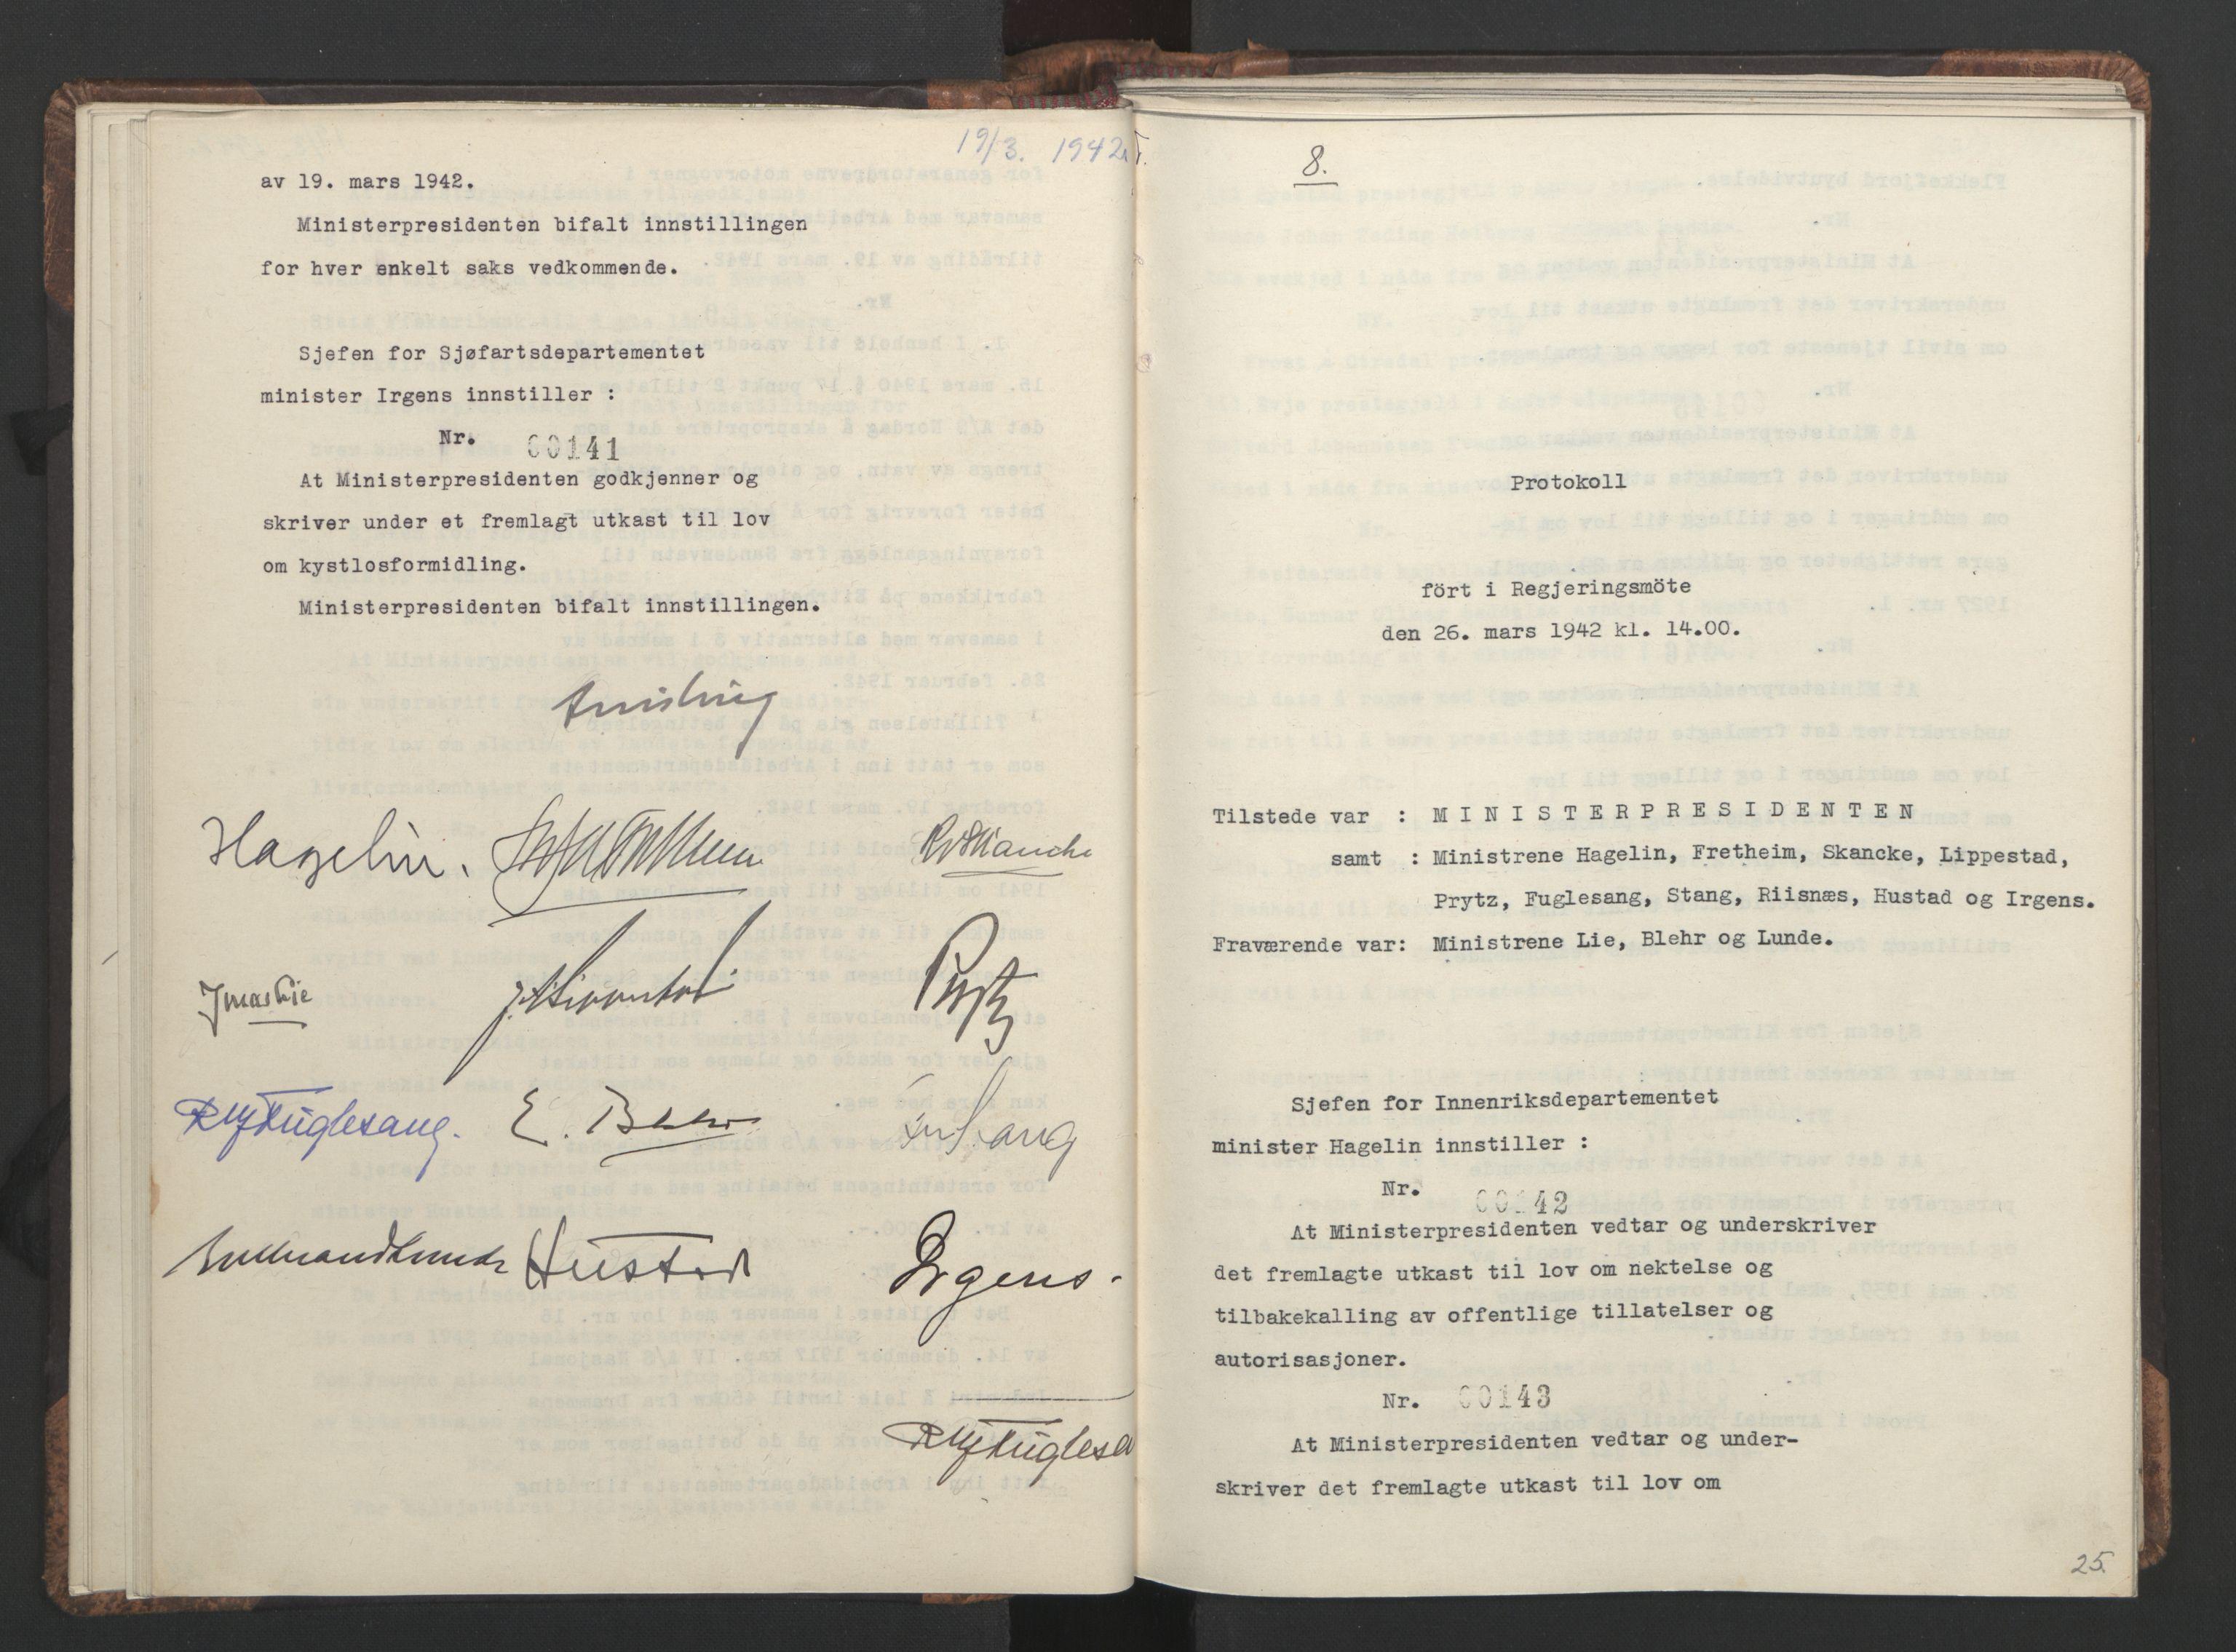 RA, NS-administrasjonen 1940-1945 (Statsrådsekretariatet, de kommisariske statsråder mm), D/Da/L0001: Beslutninger og tillegg (1-952 og 1-32), 1942, s. 24b-25a